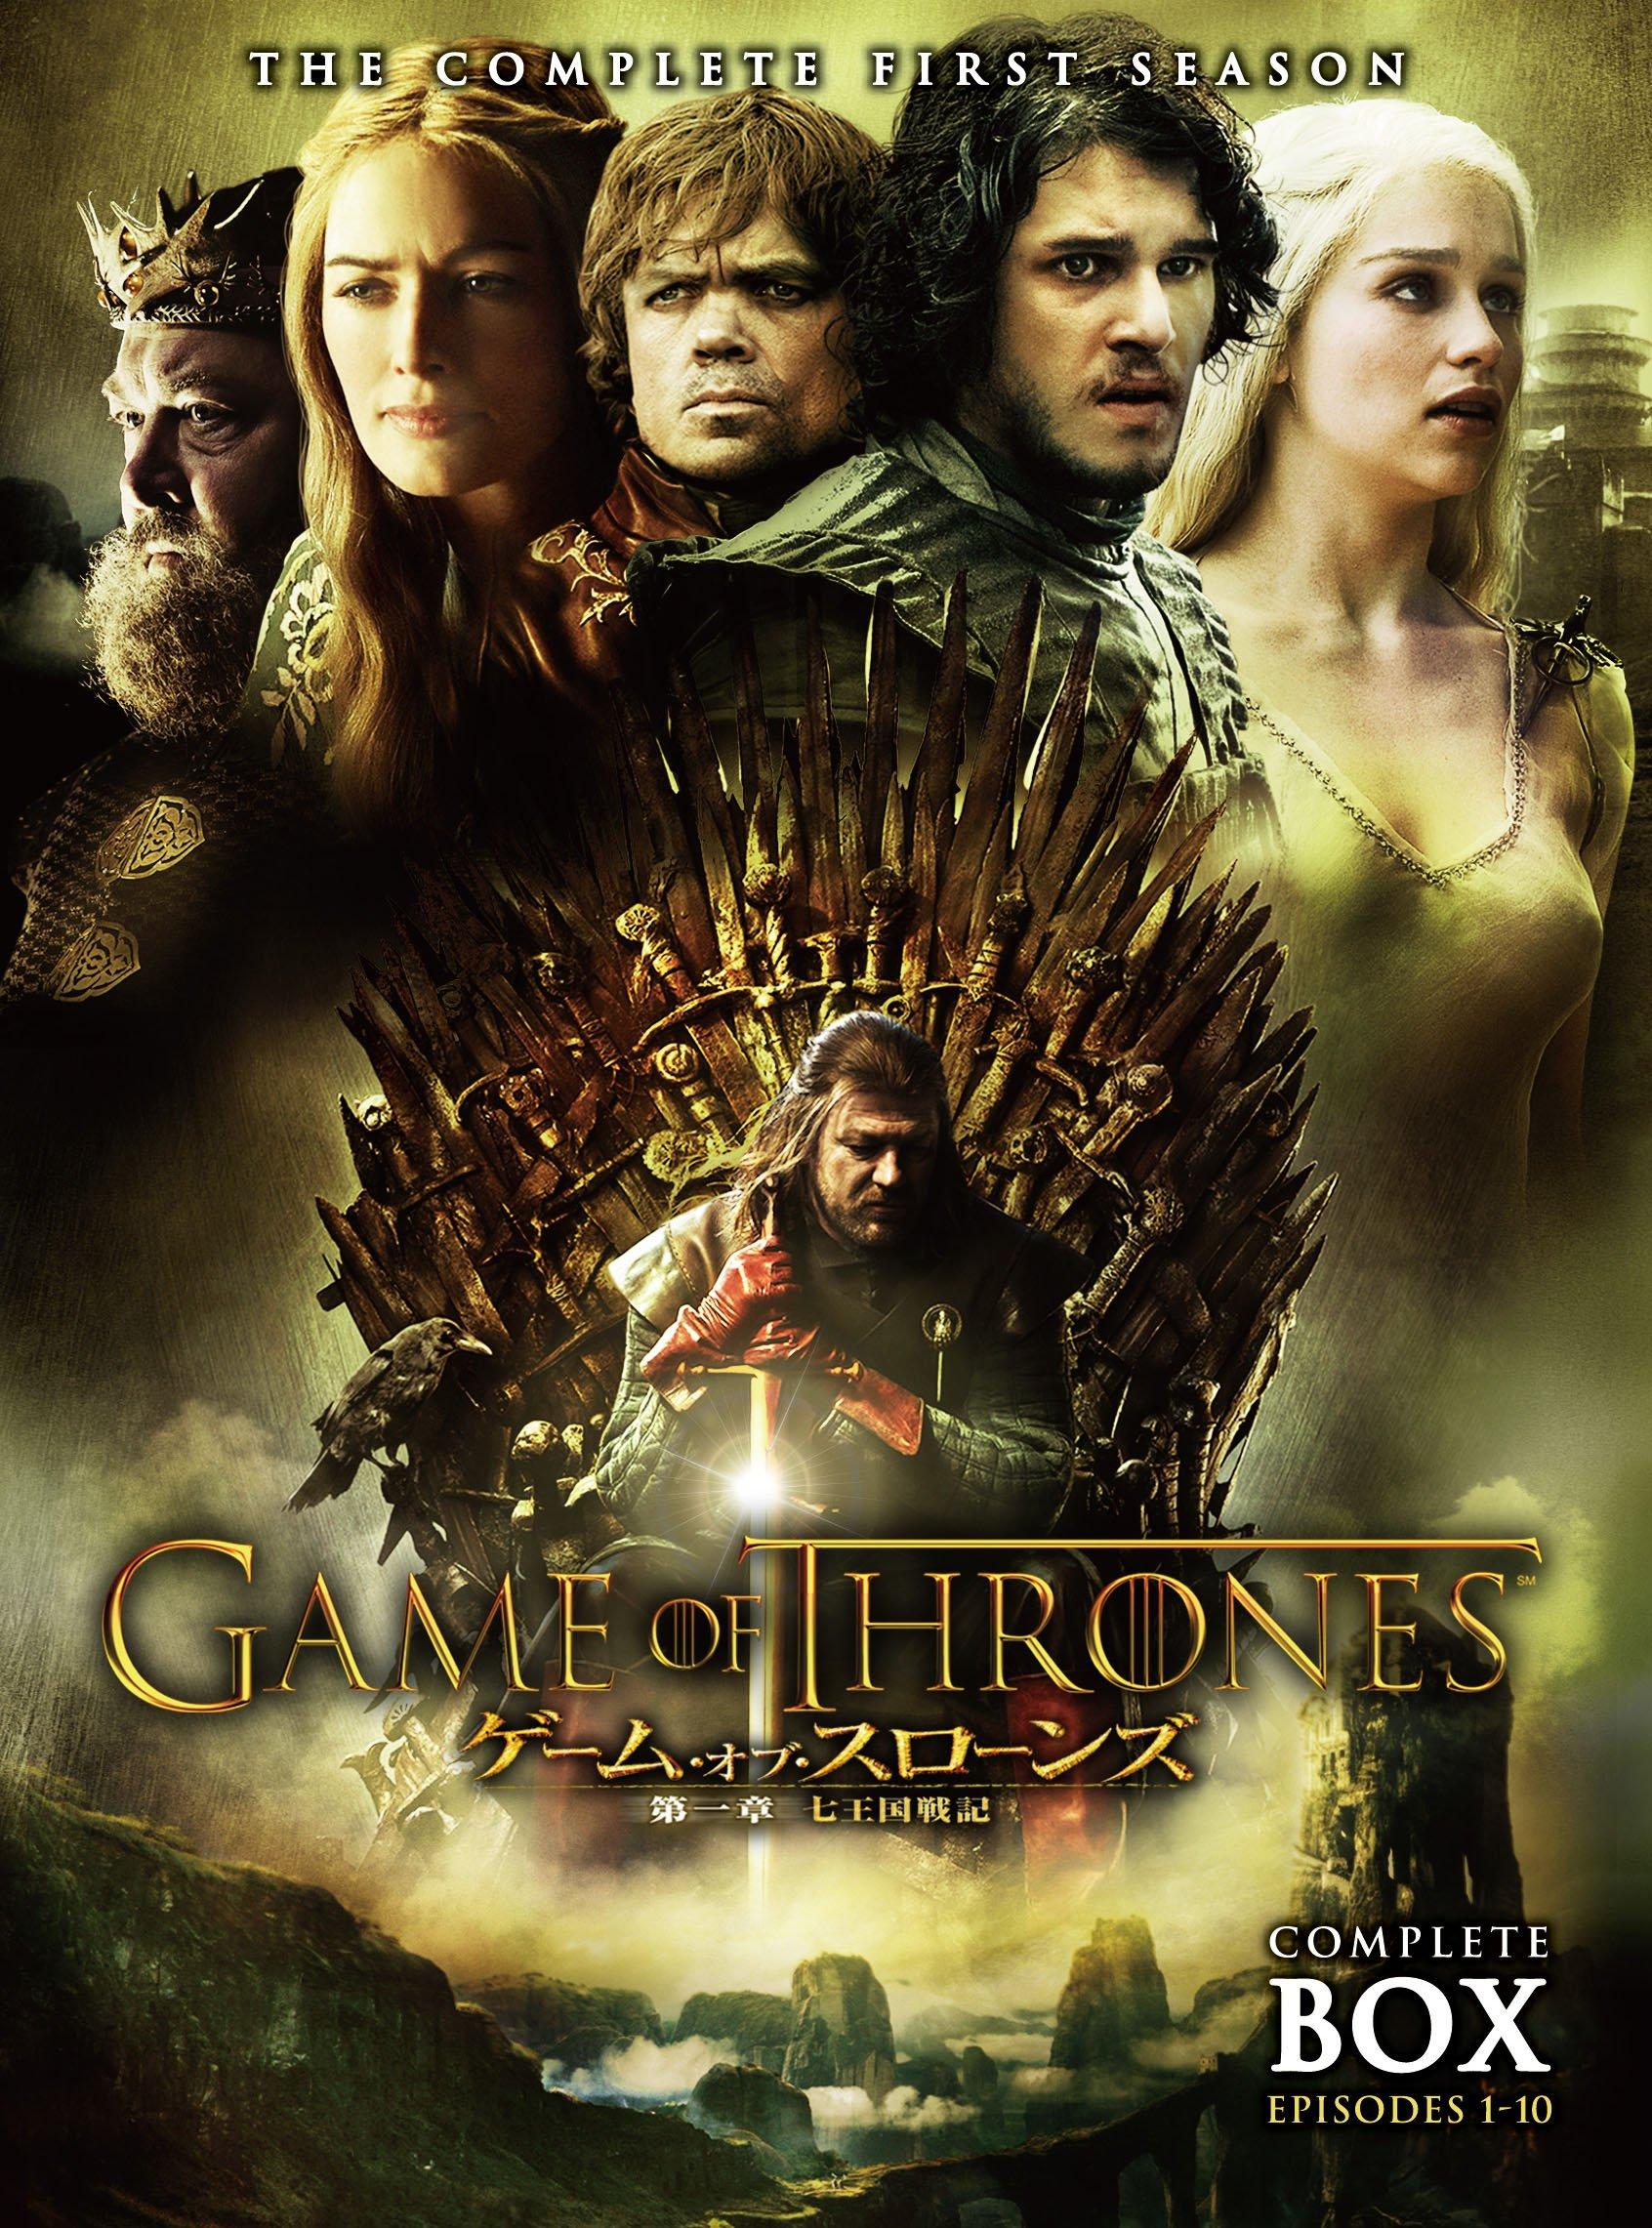 ゲーム・オブ・スローンズ 第一章:七王国戦記 DVDセット(5枚組)